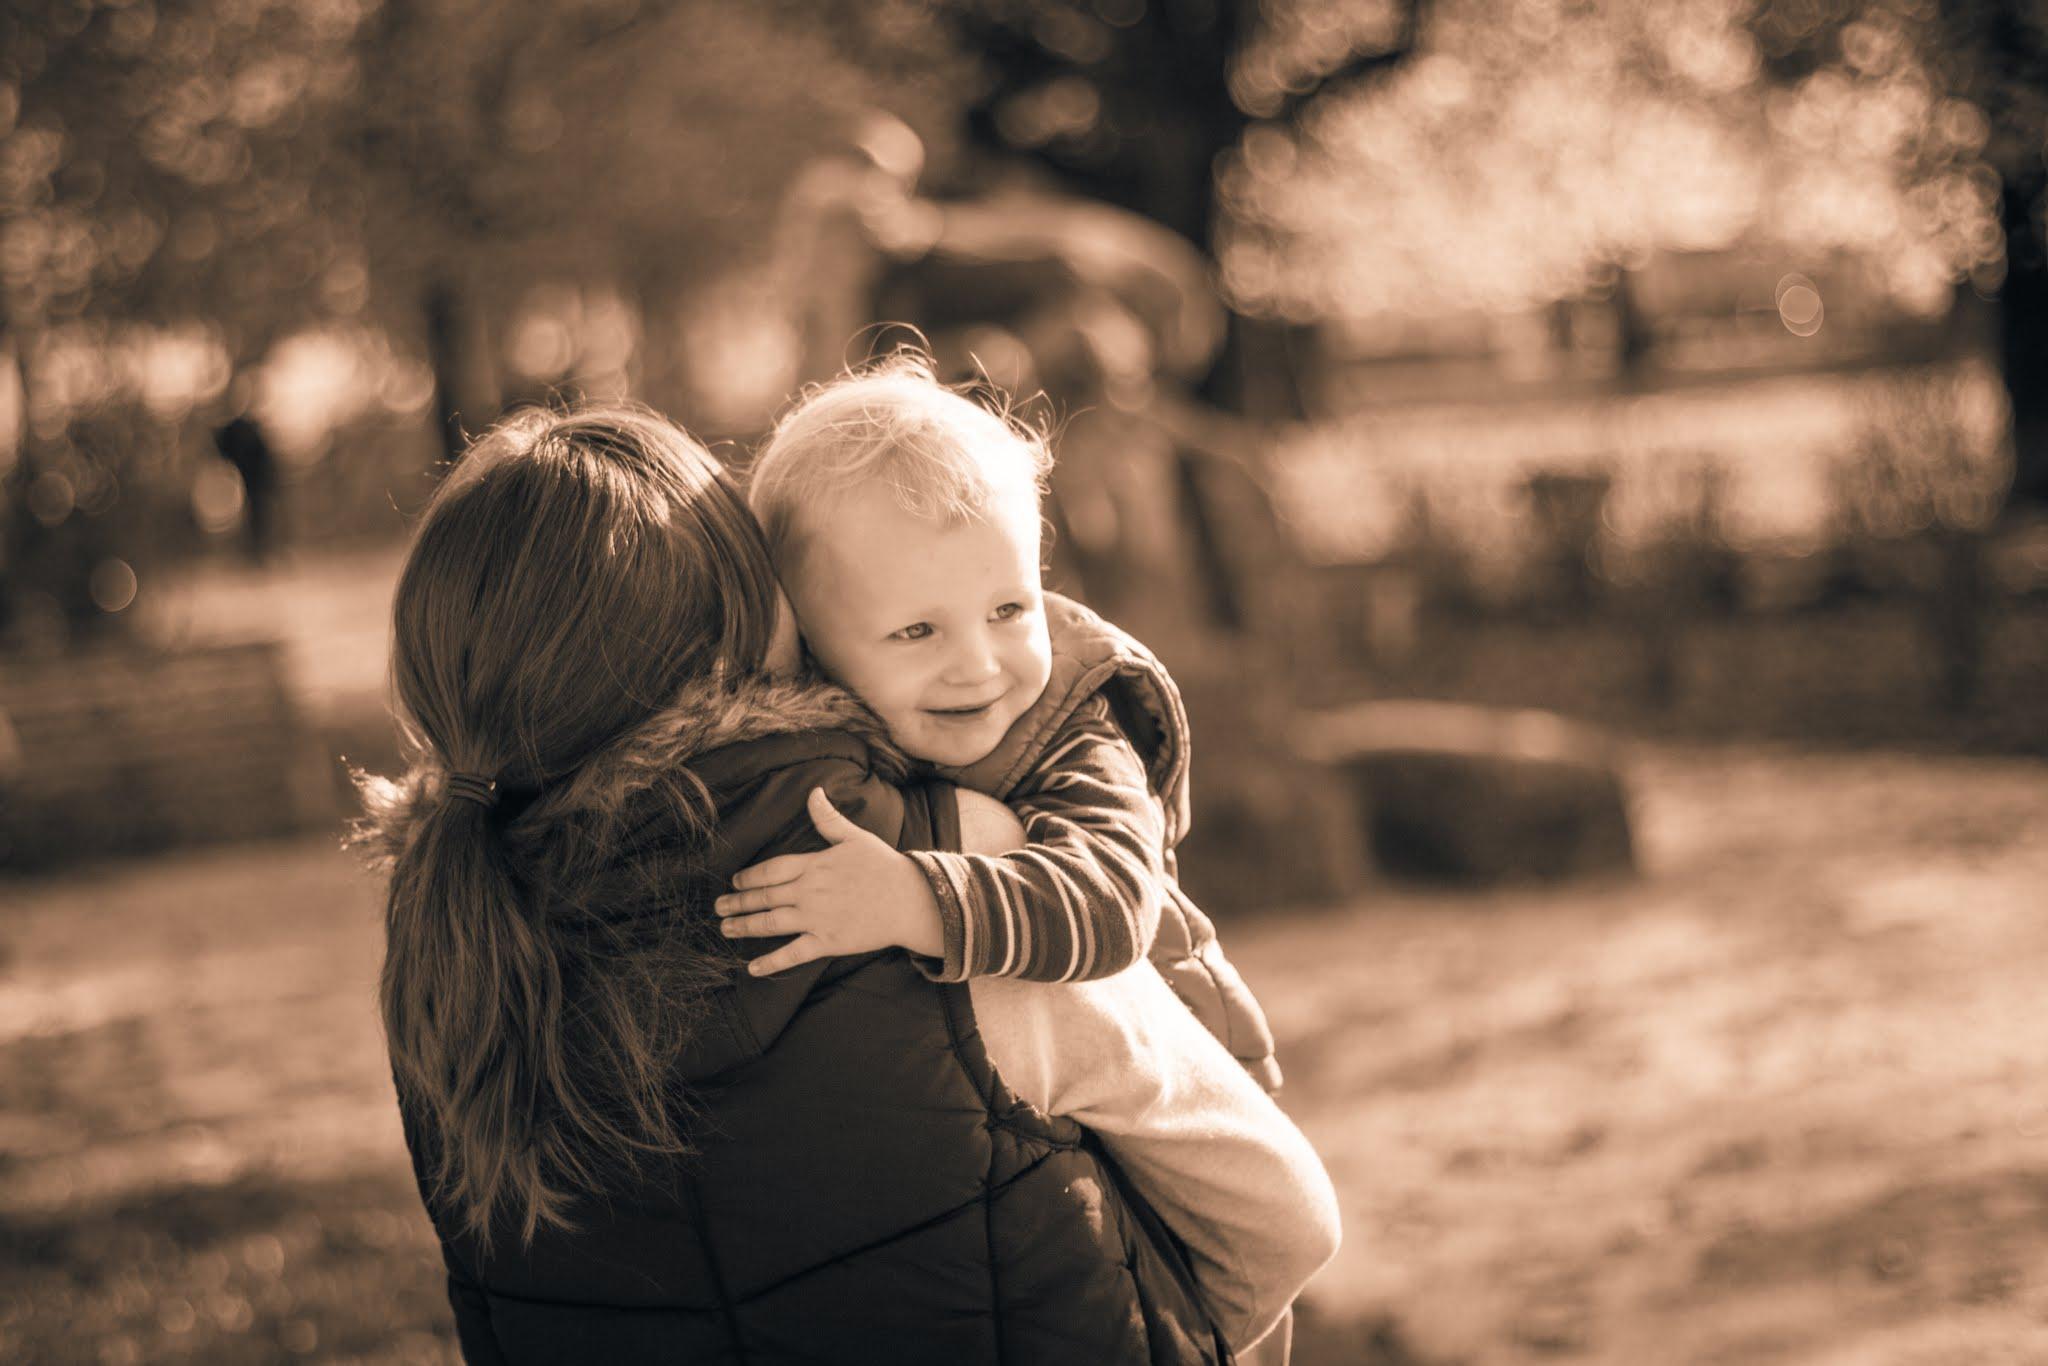 Mutter trägt Sohn einen Kieselweg entlang, Sepia-Filter, Nahaufnahme